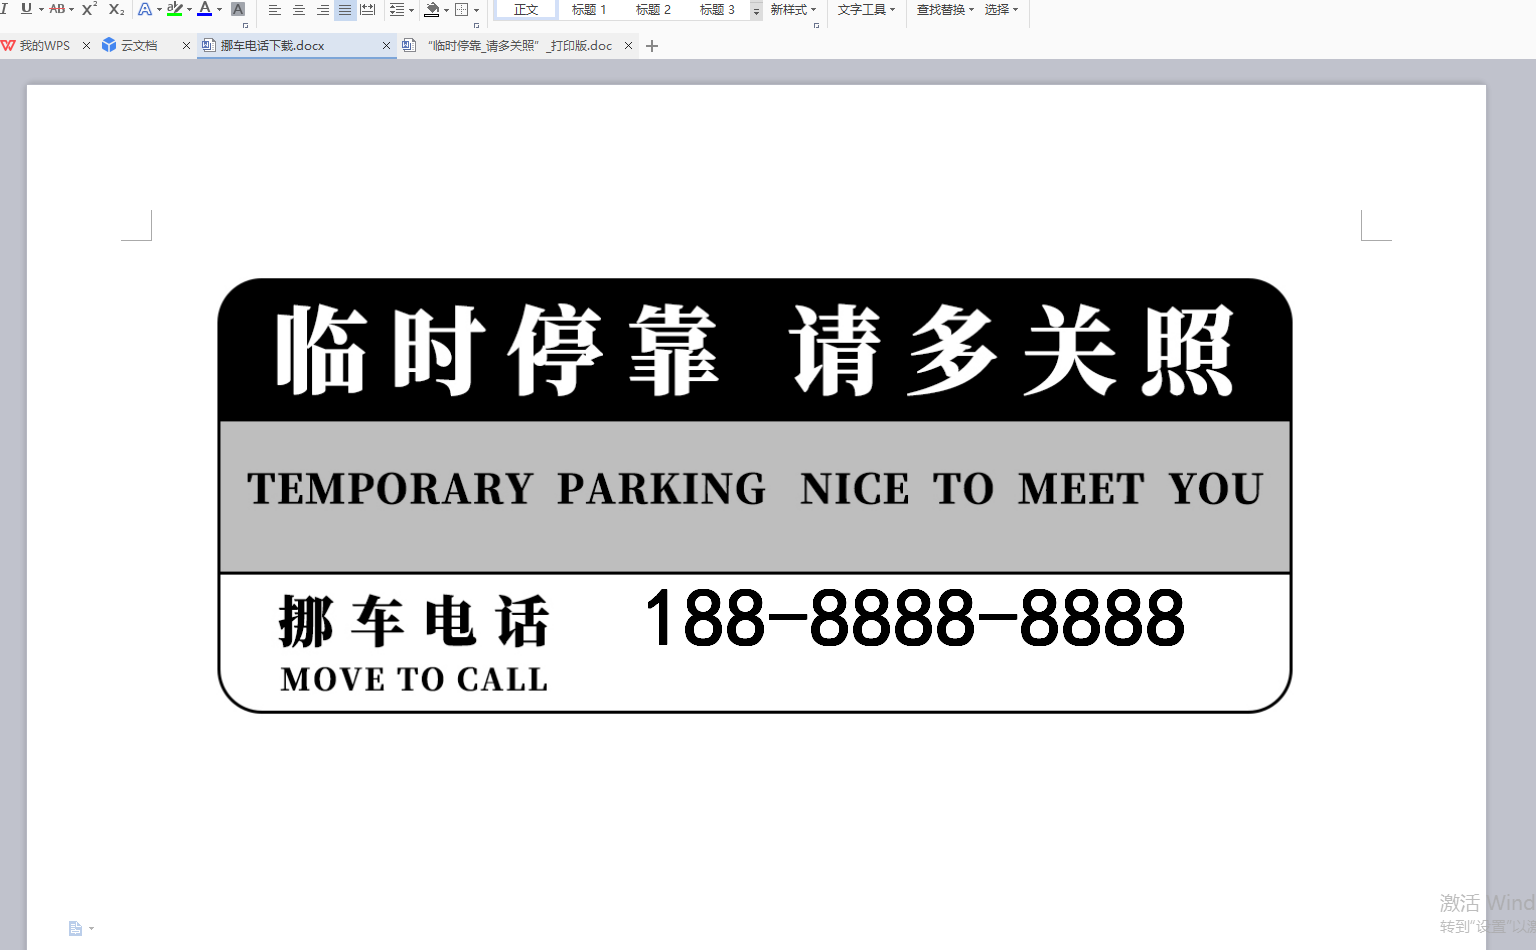 临时停靠,请多关照,挪车电话word下载打印版